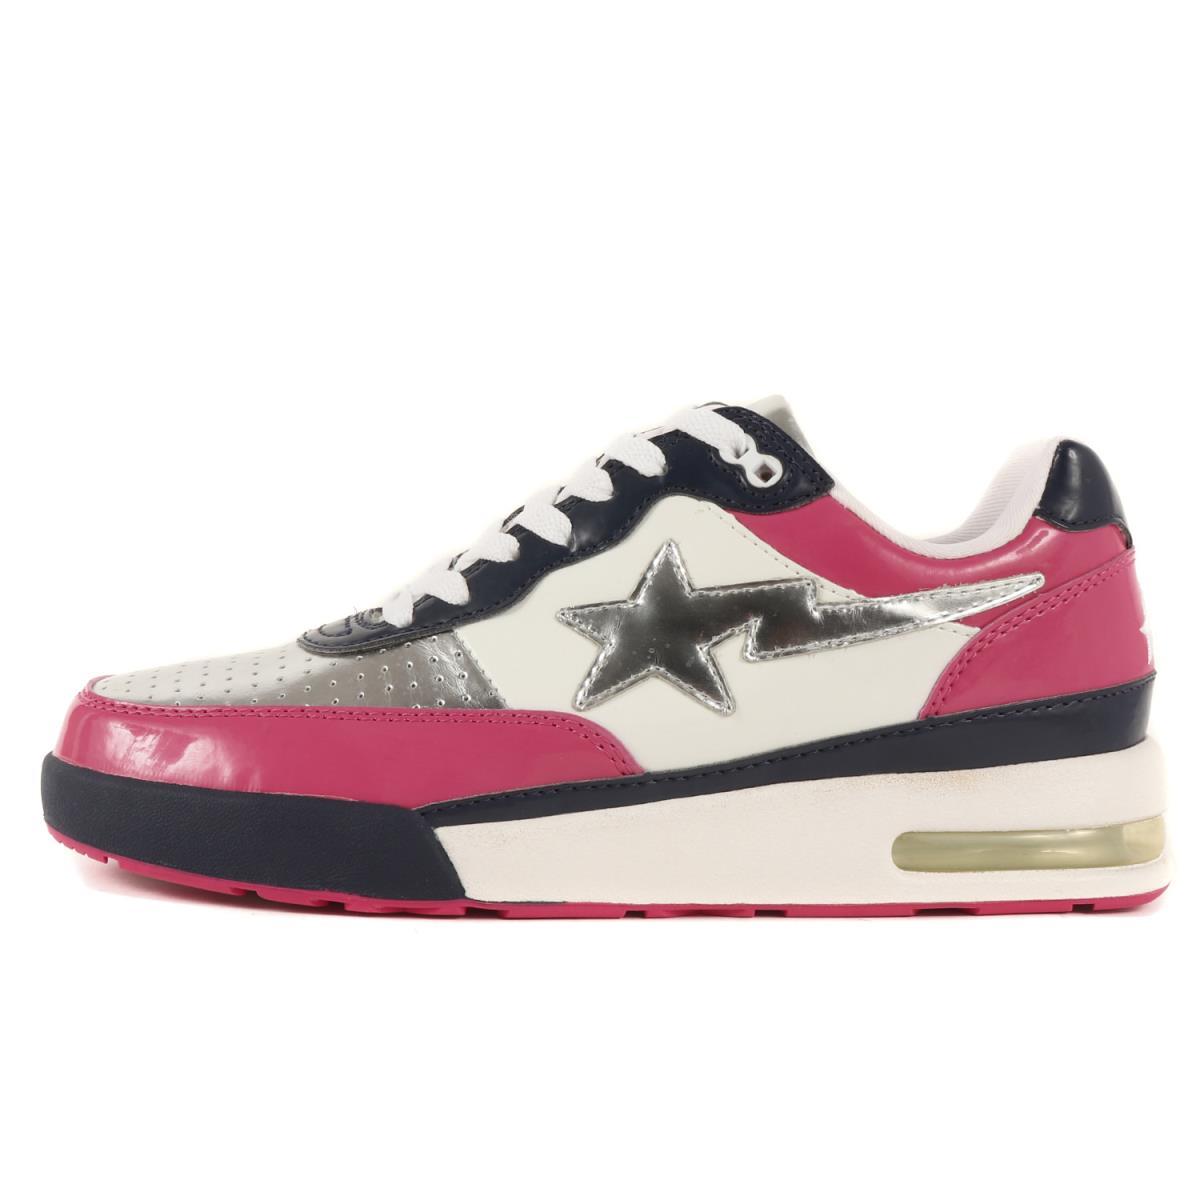 メンズ靴, スニーカー APE 00s BAPESTA STA US9 27cm K2999